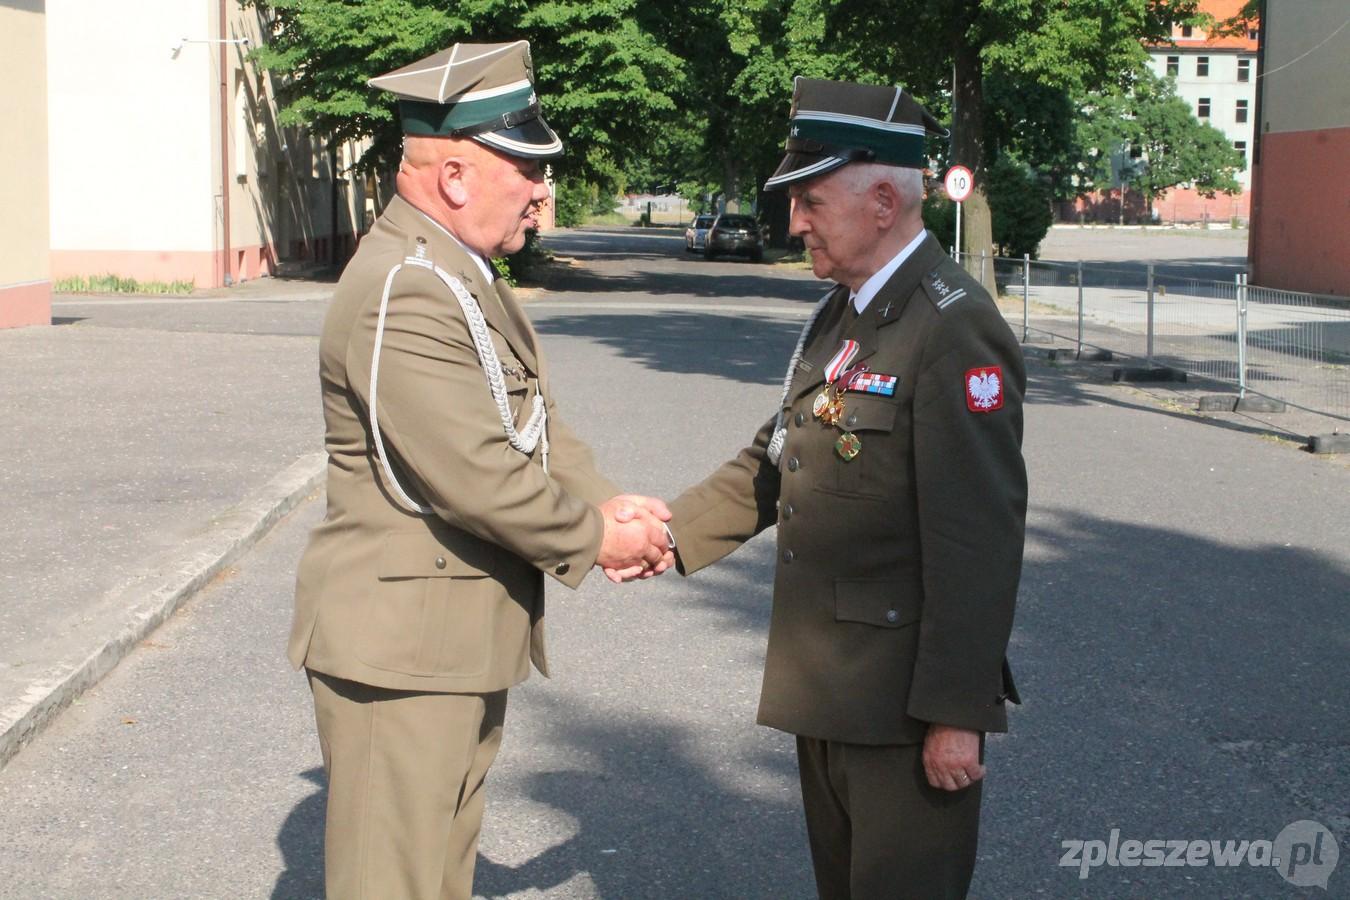 Pleszew. 40-lecie Związku Żołnierzy Wojska Polskiego [ZDJĘCIA] - Zdjęcie główne